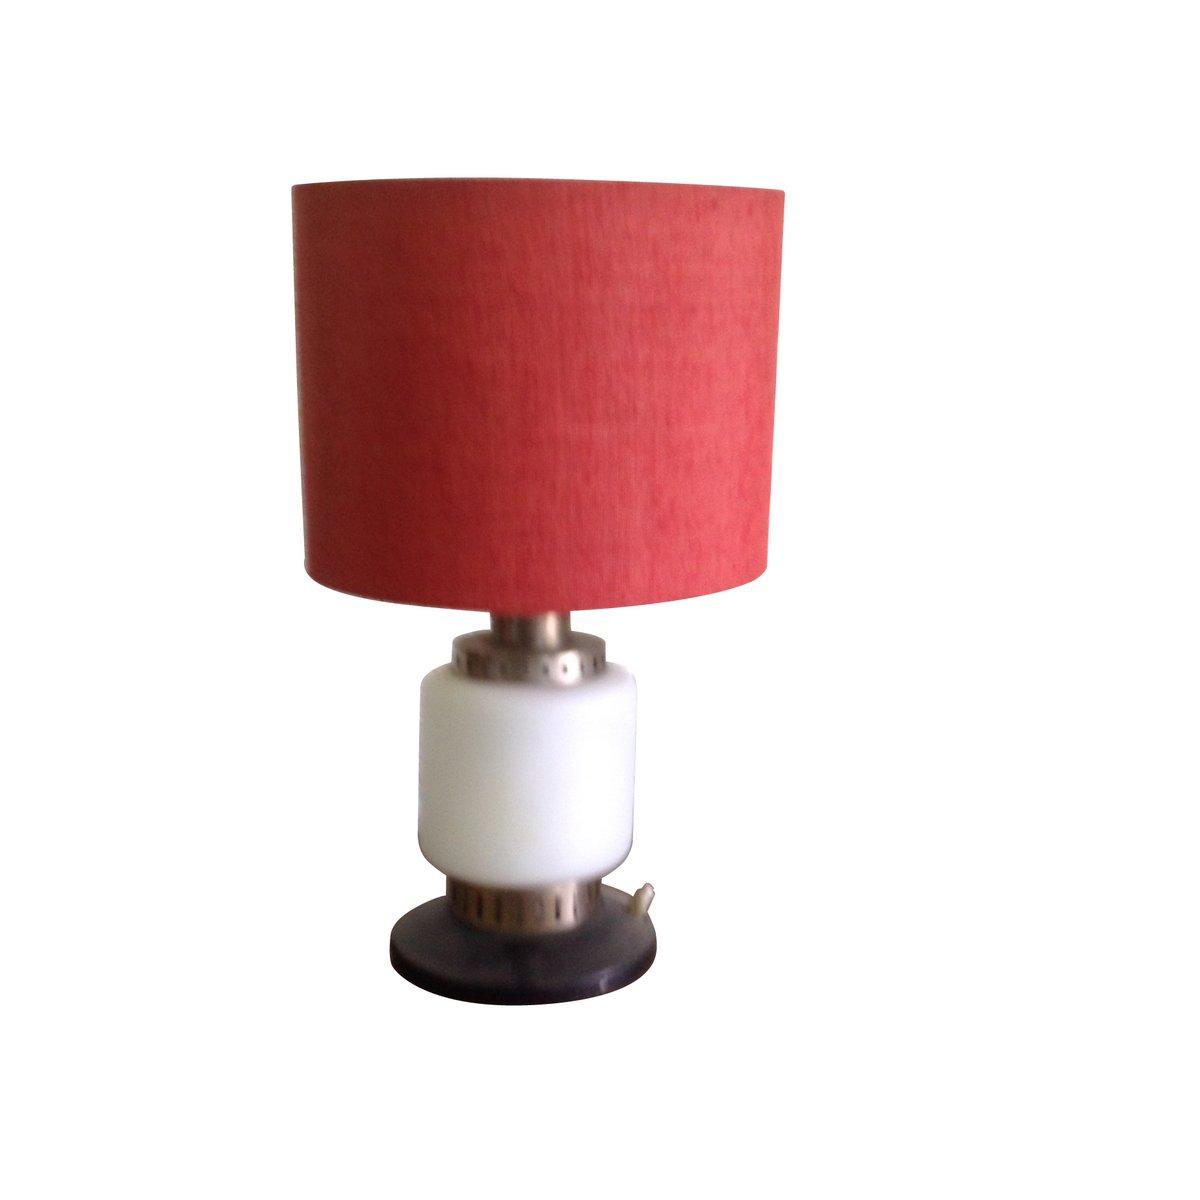 Italienische Tischlampe, 1970er